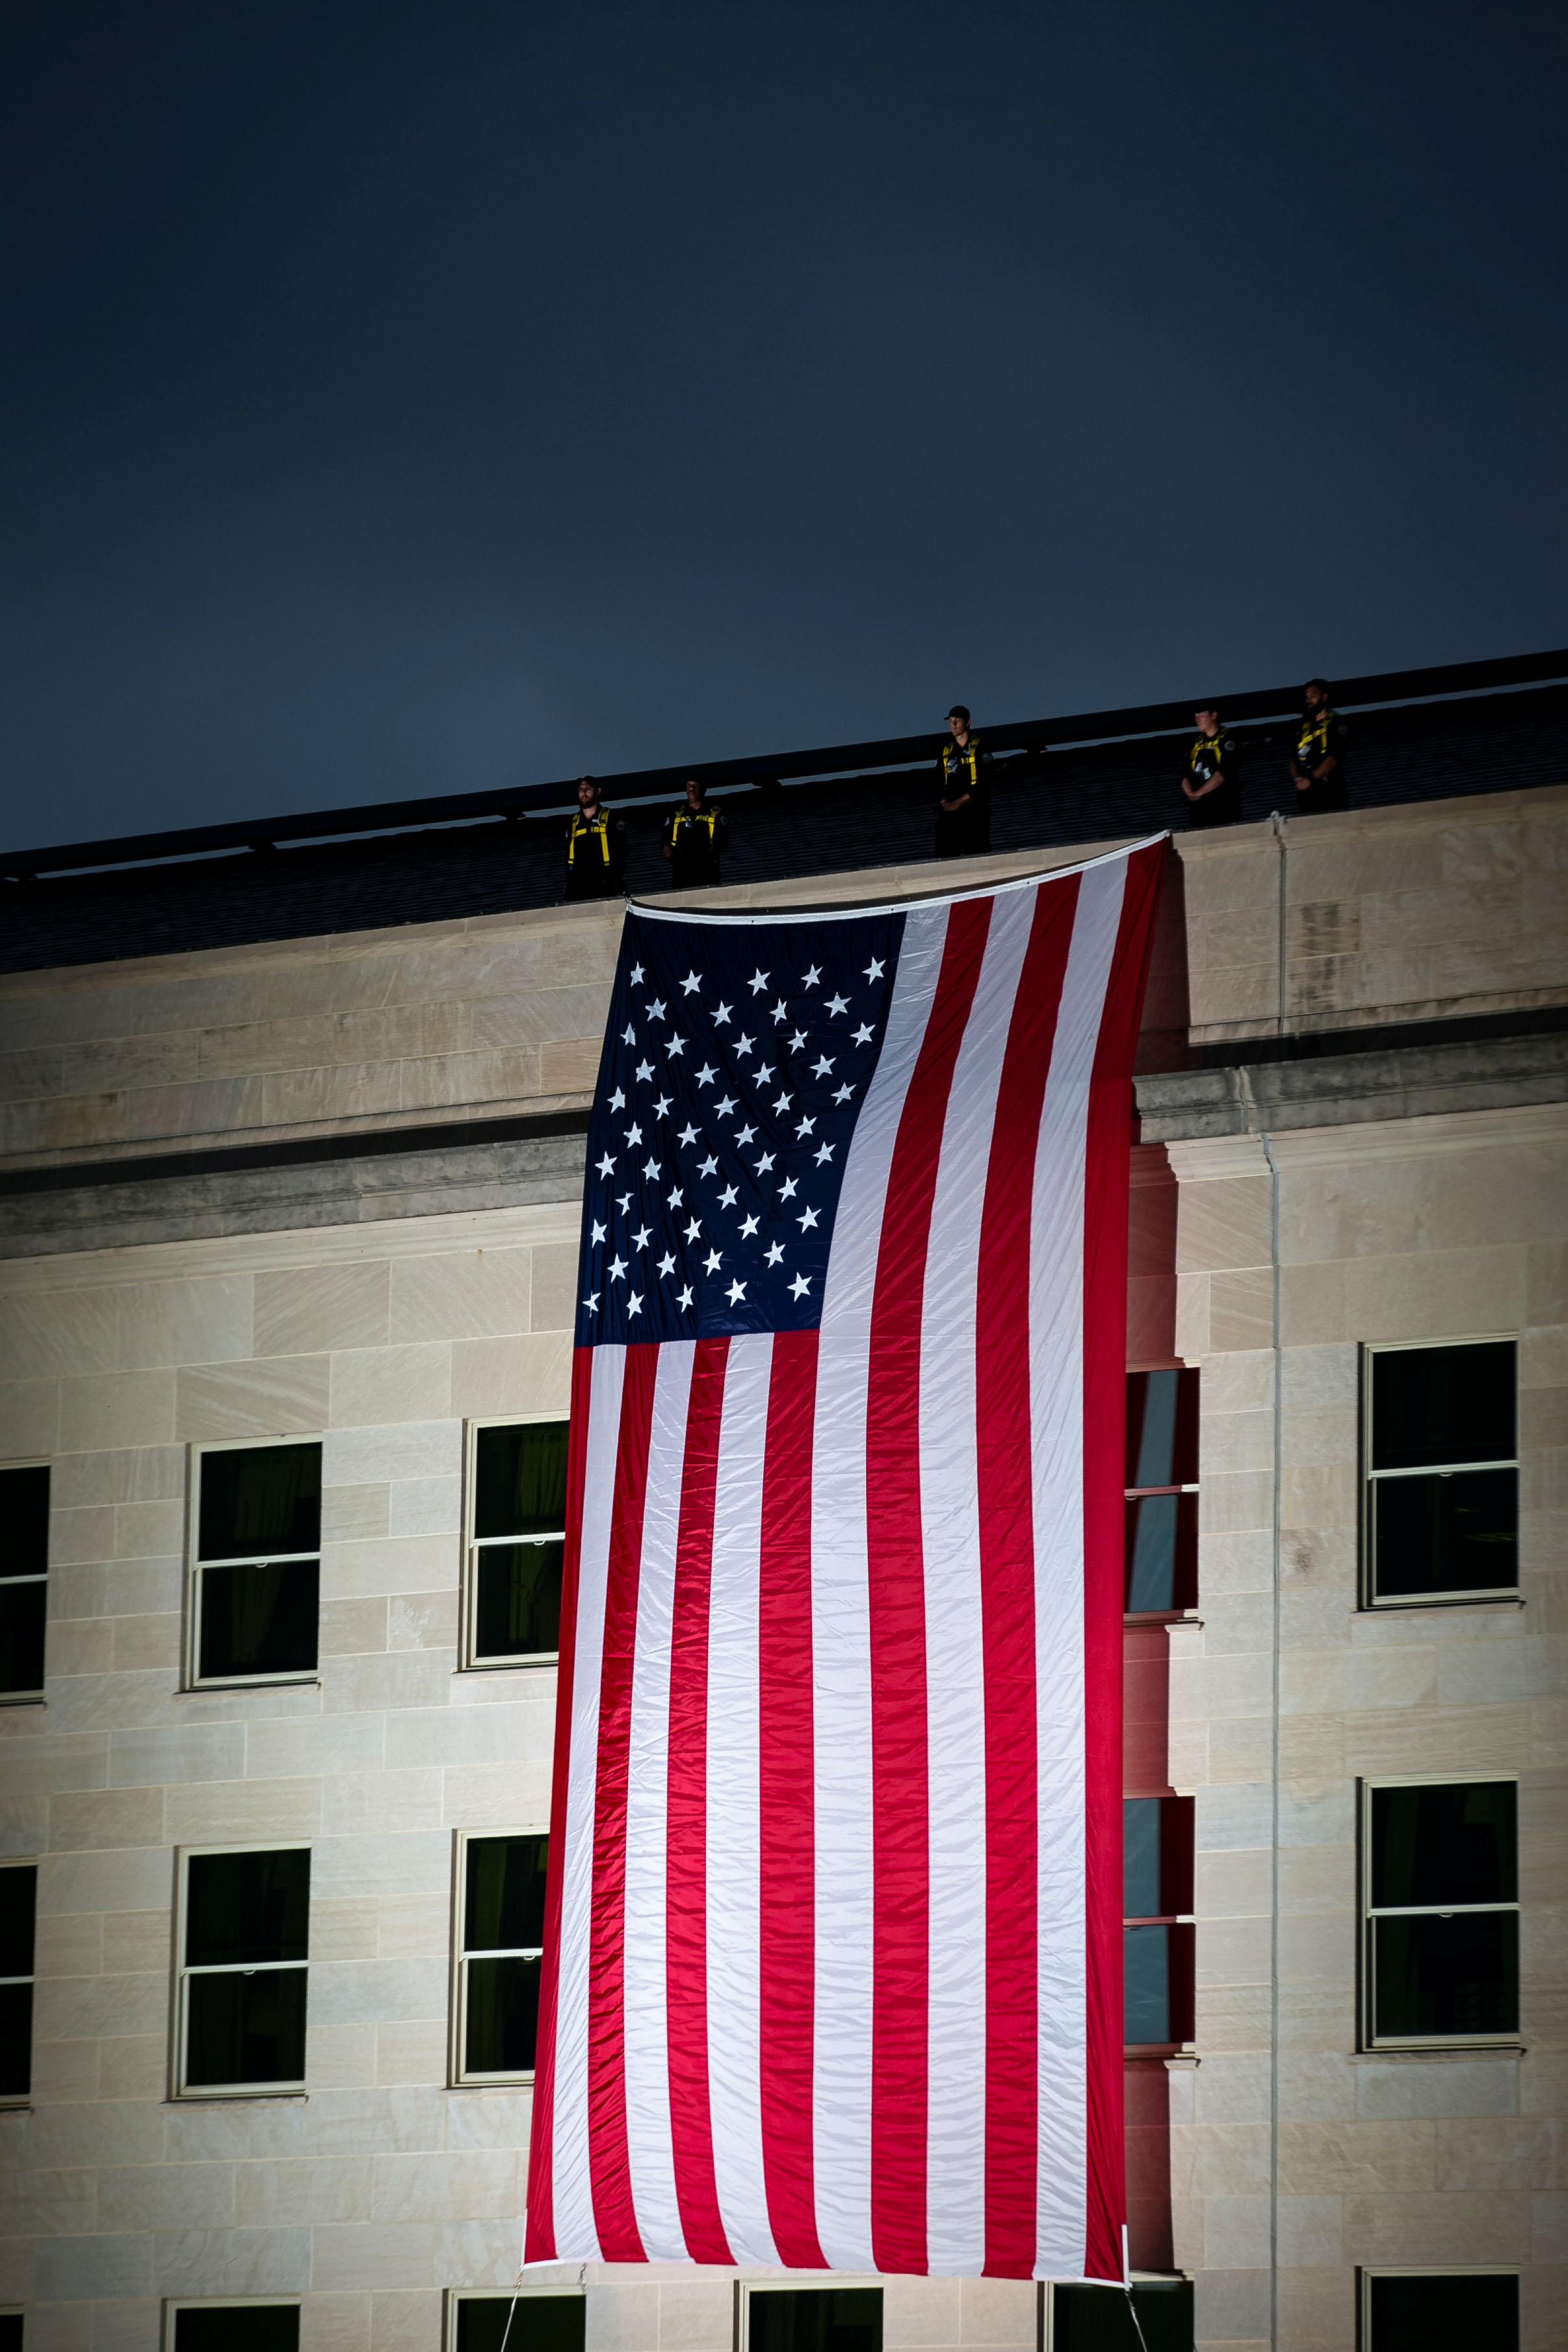 تنكيس الأعلام حدادا على أرواح ضحايا 11 سبتمبر